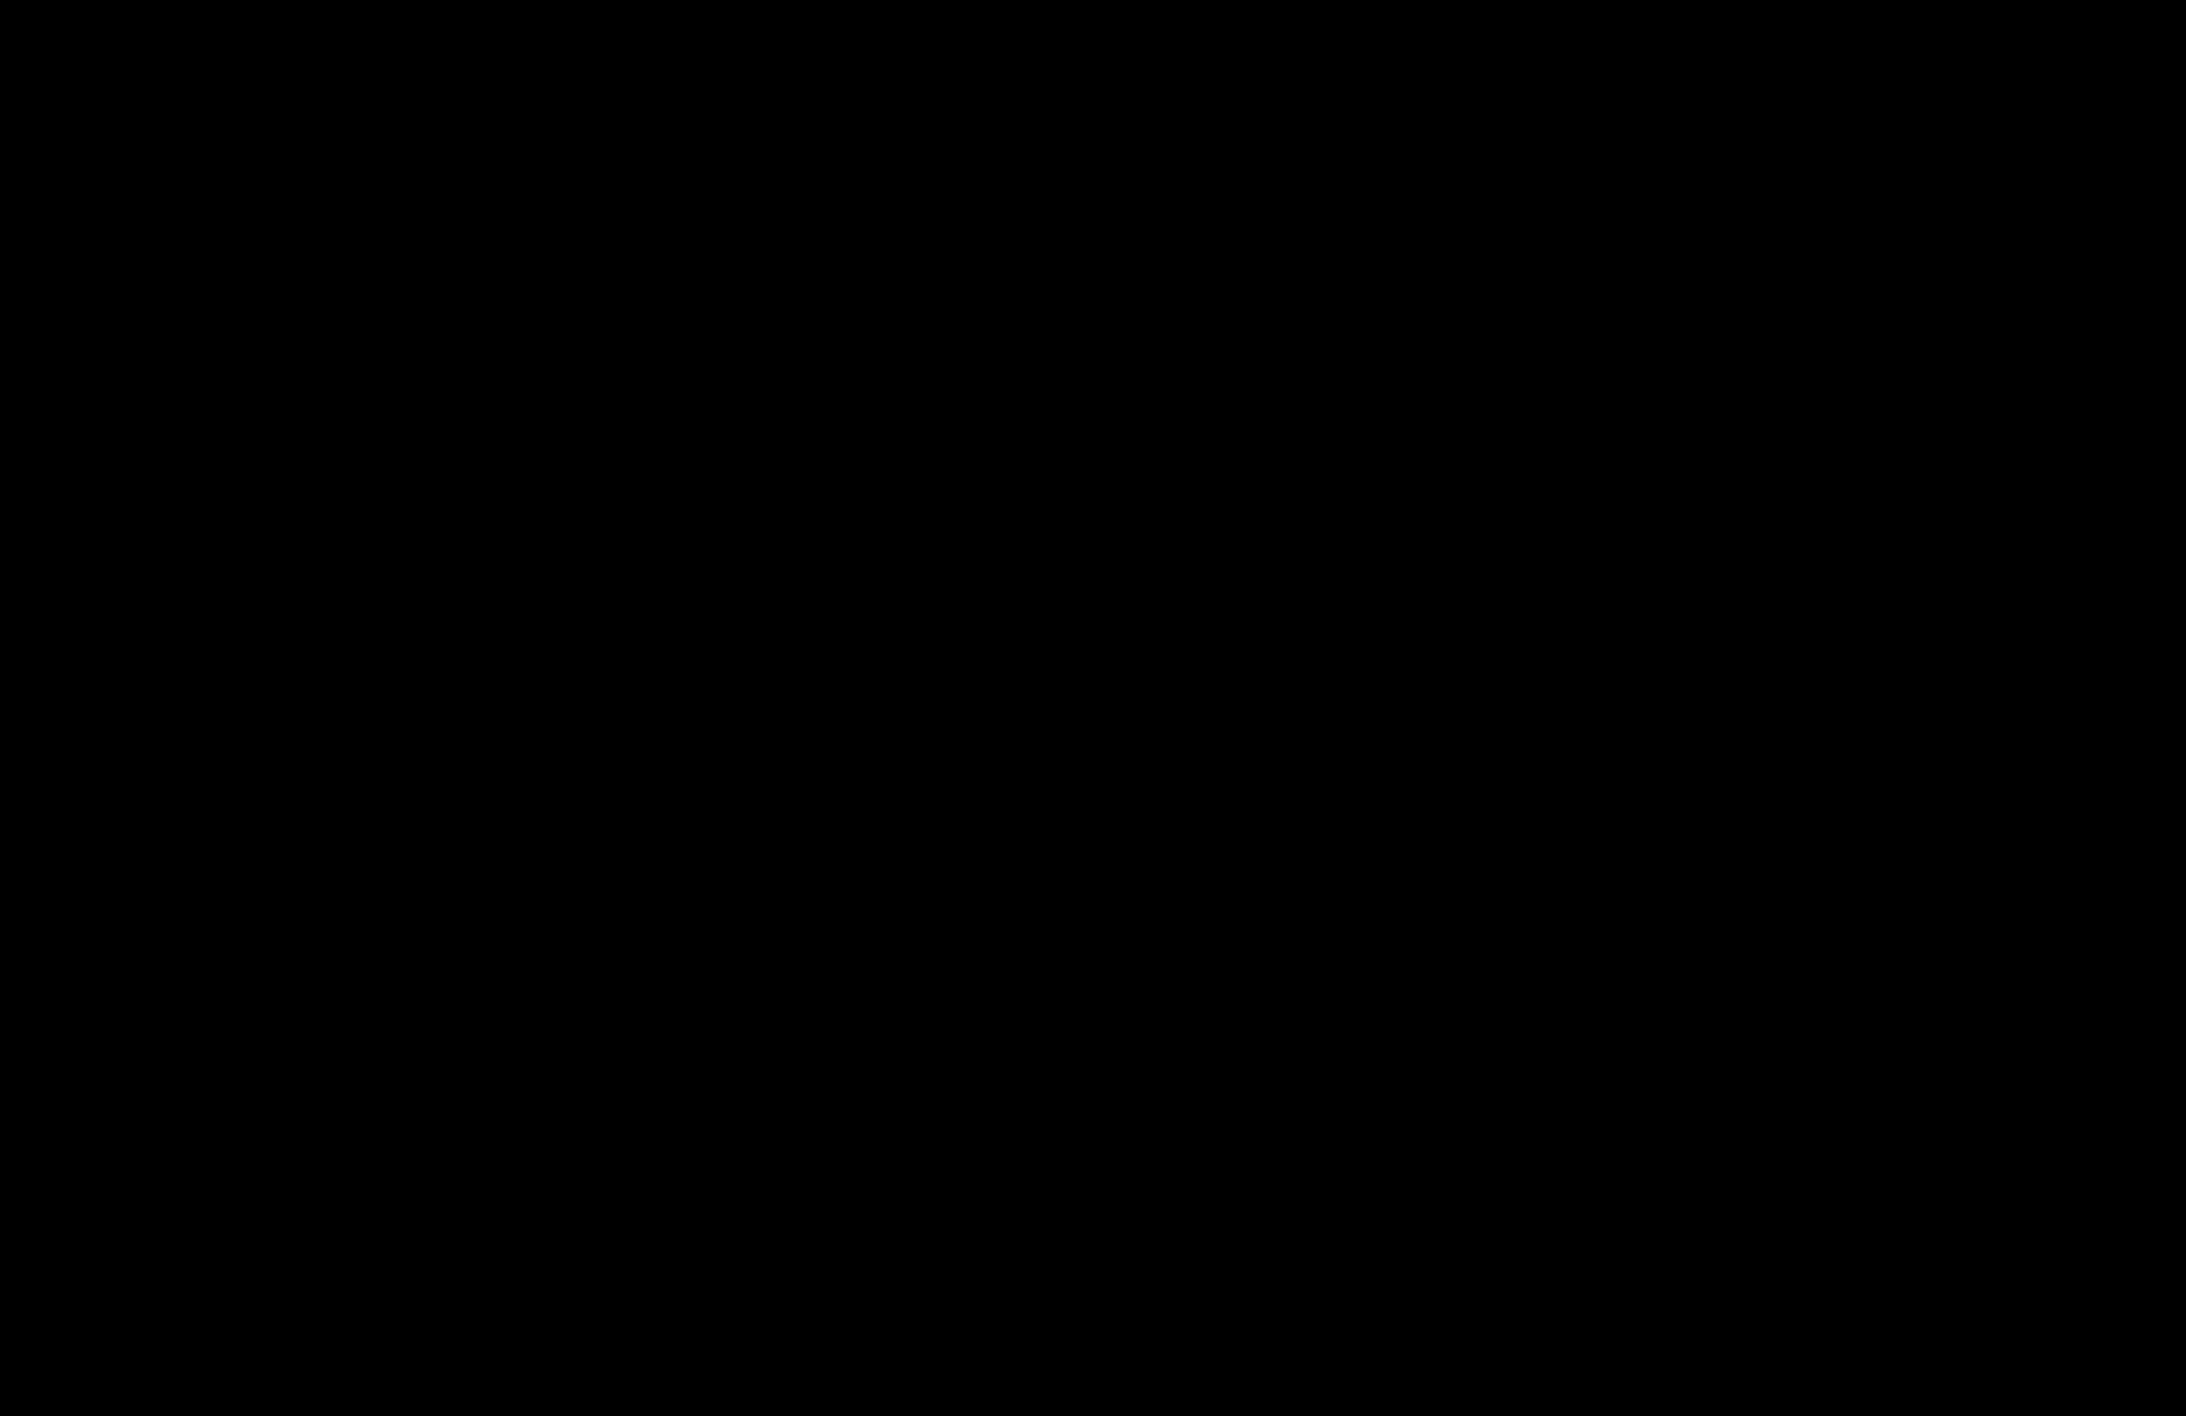 N,N′-Di(2-naphthyl-N,N′-diphenyl)-1,1′-biphenyl-4,4′-diamine